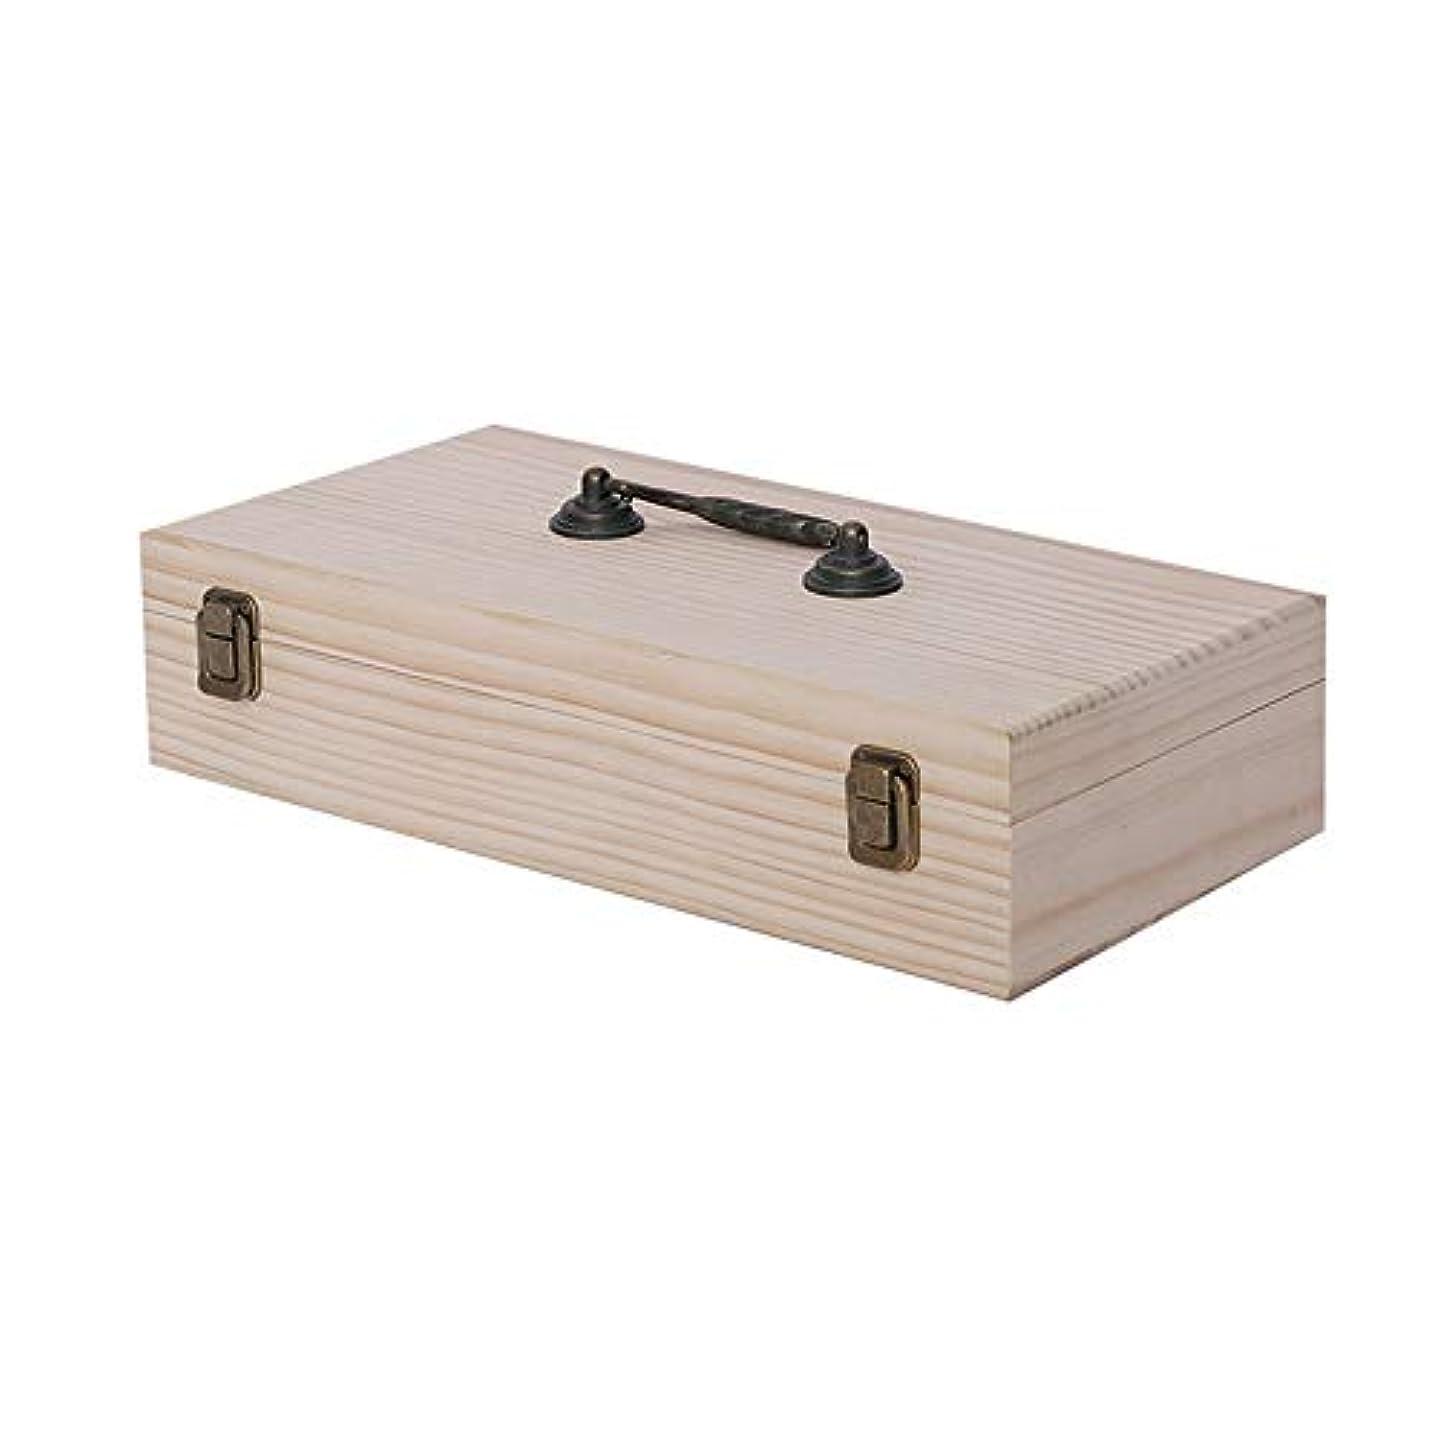 偽物豪華な拮抗するエッセンシャルオイル収納ボックス 46スロット木製エッセンシャルオイルボックスが収納ディスプレイの旅行プレゼンテーション用ケースオーガナイザーホルダーキャリーは、エレガントな装飾的なデザインでは5?15ミリリットルボトル...